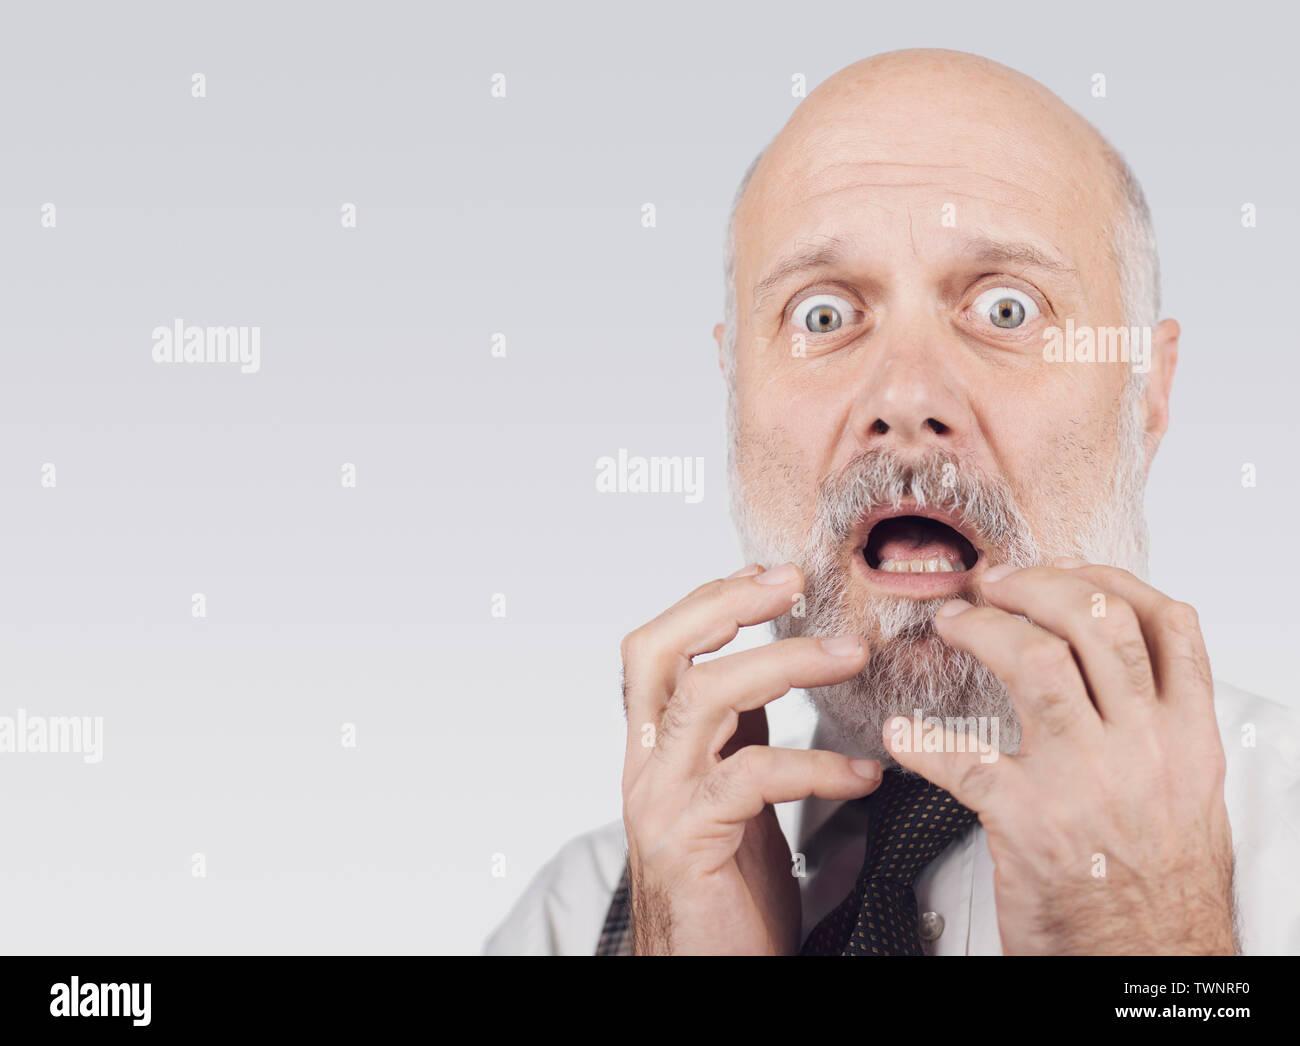 Älterer Mann keuchte und Kamera erschreckt, ist er geschockt und hoffnungslos Stockbild